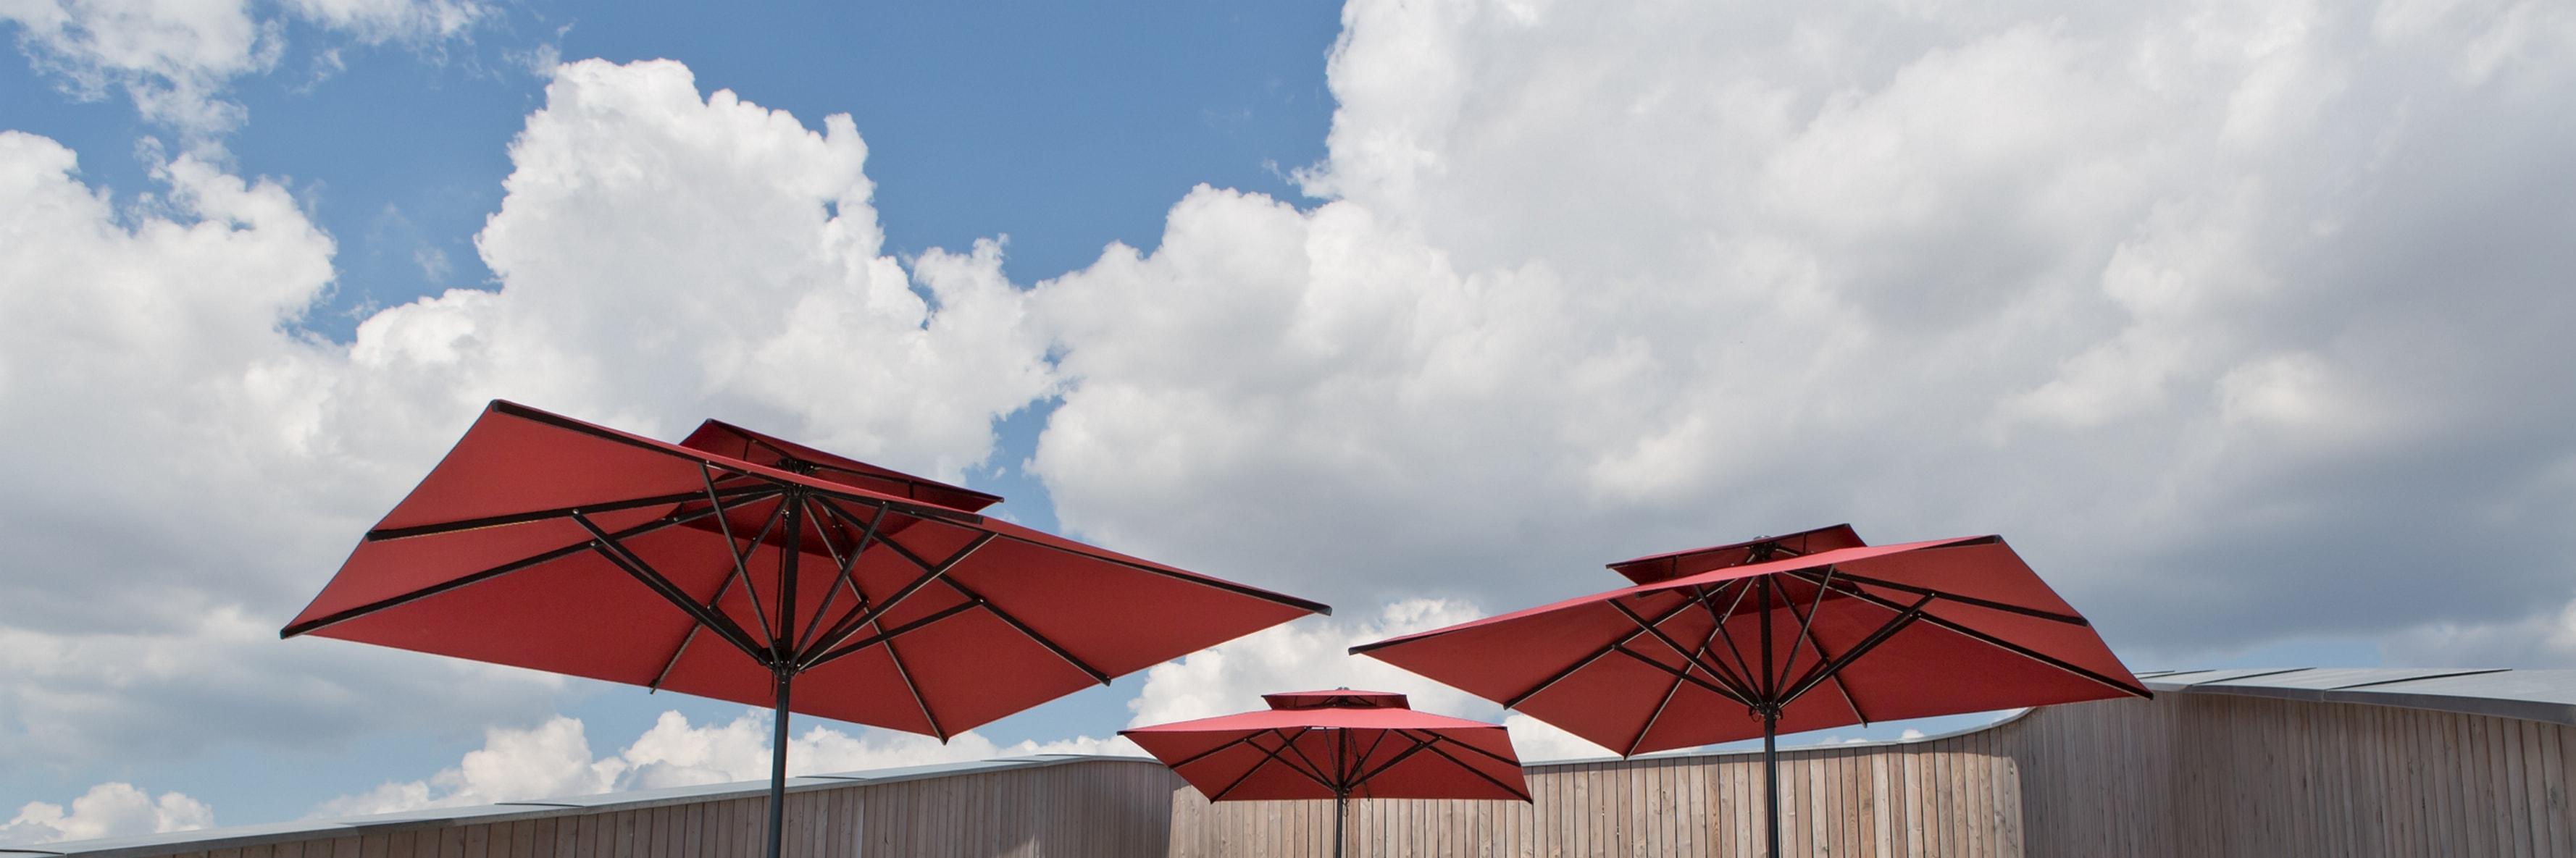 PRIMUS Sonnenschirme mit Winddach